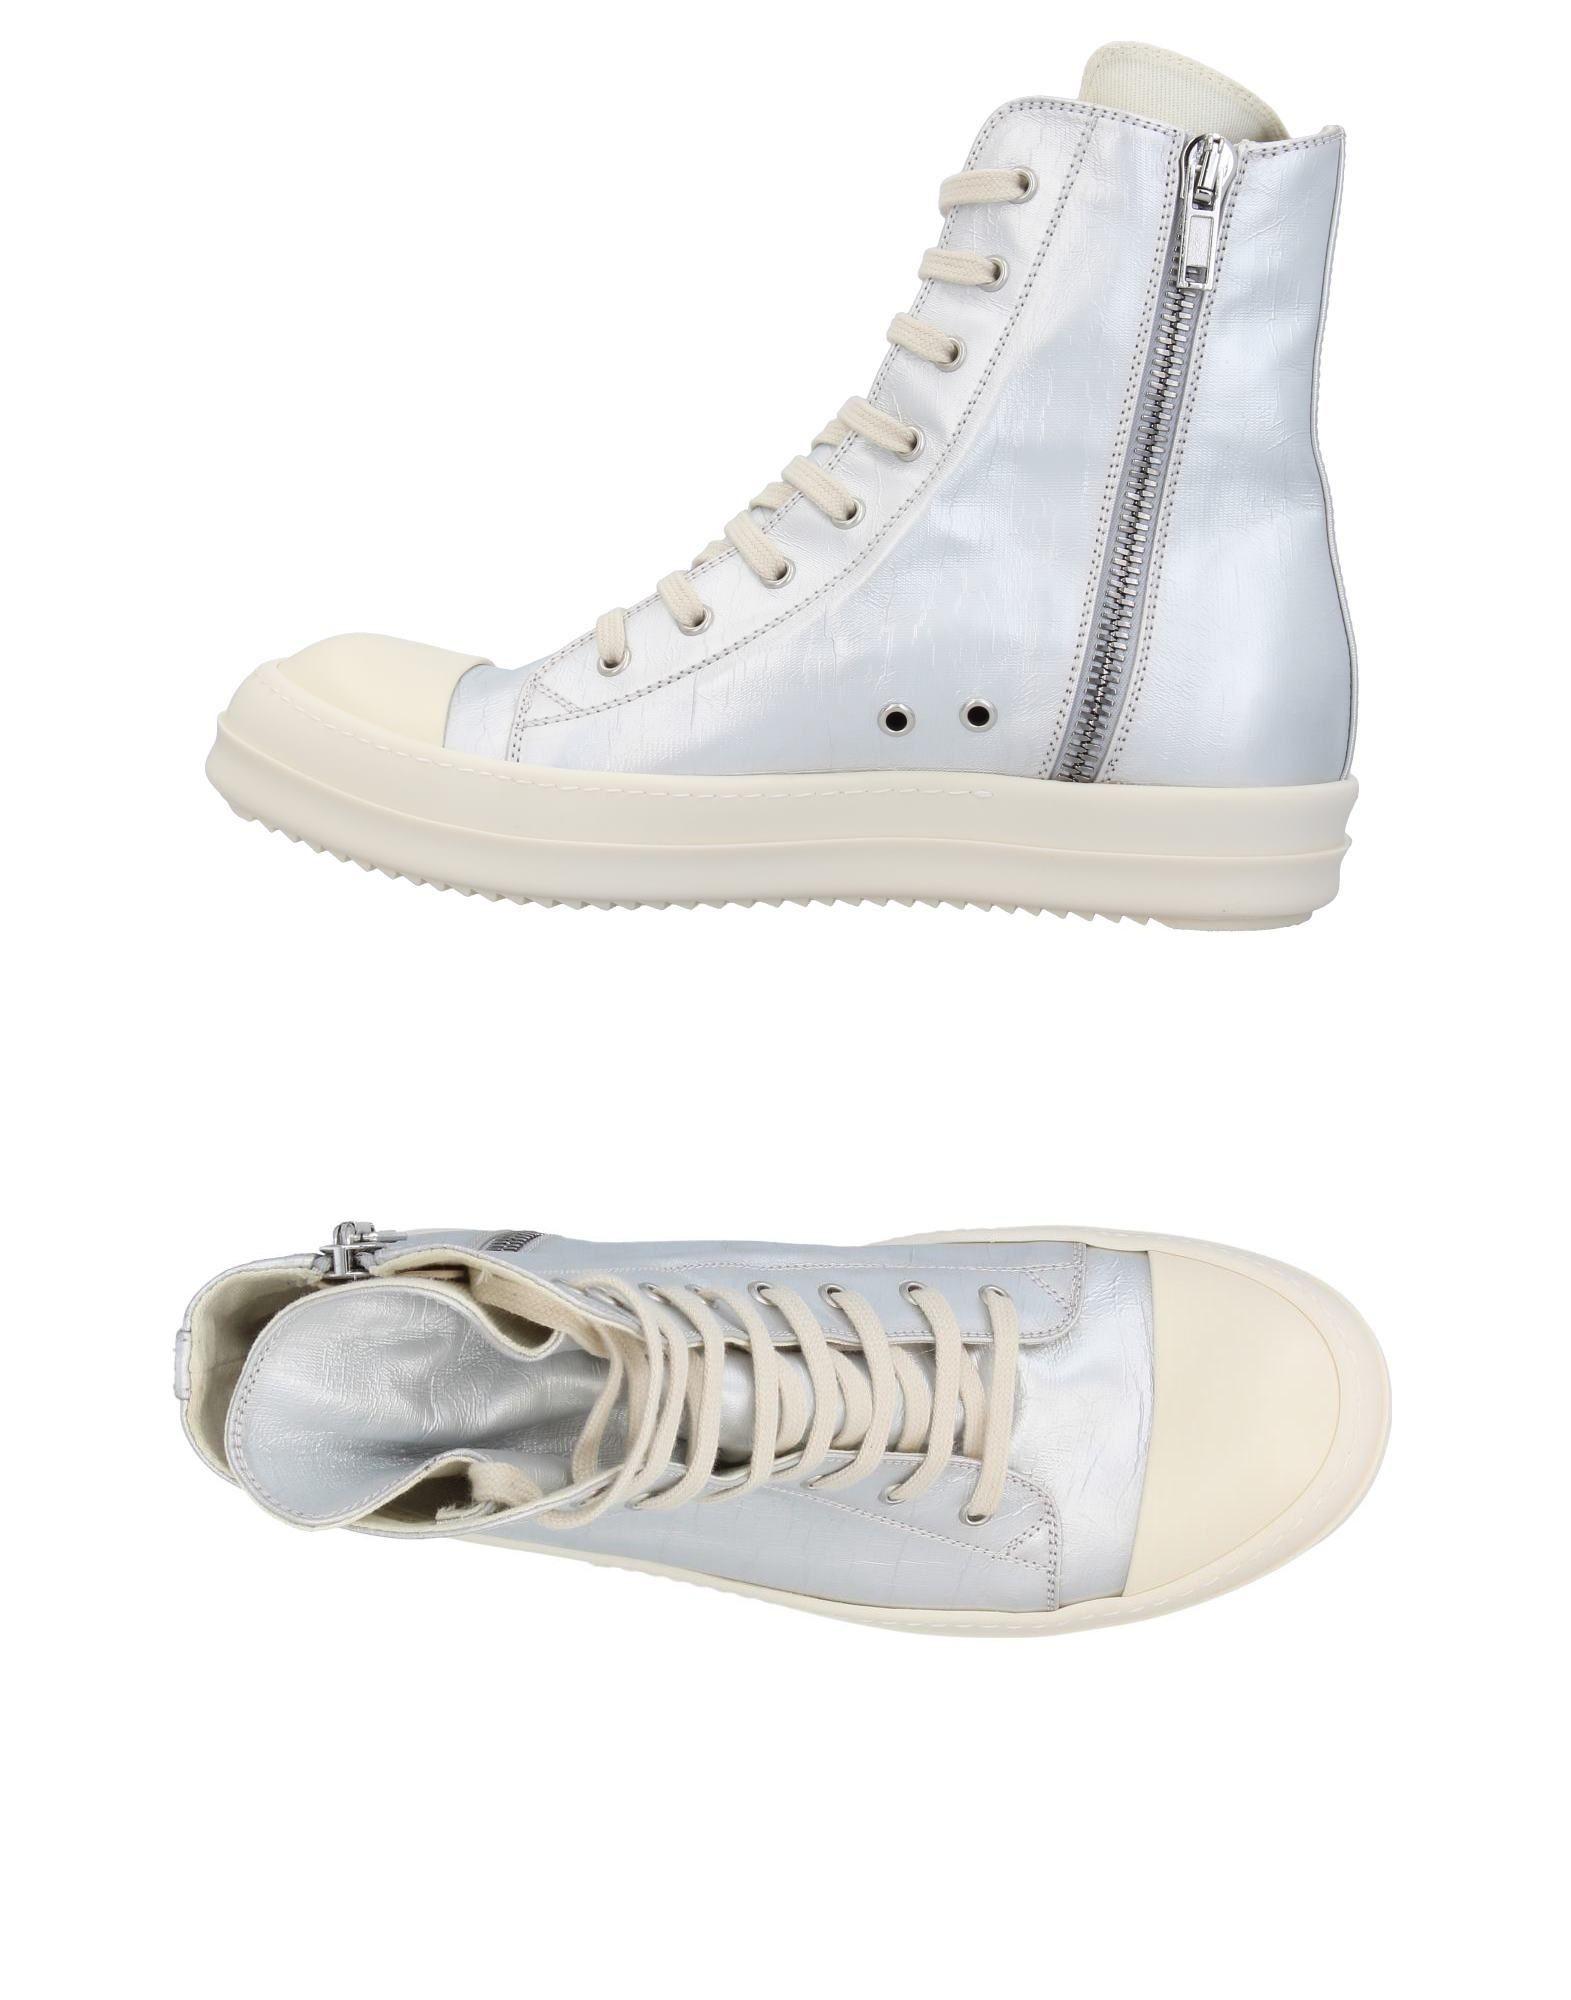 Drkshdw By Rick Owens Sneakers Herren  11396246CK Heiße Schuhe